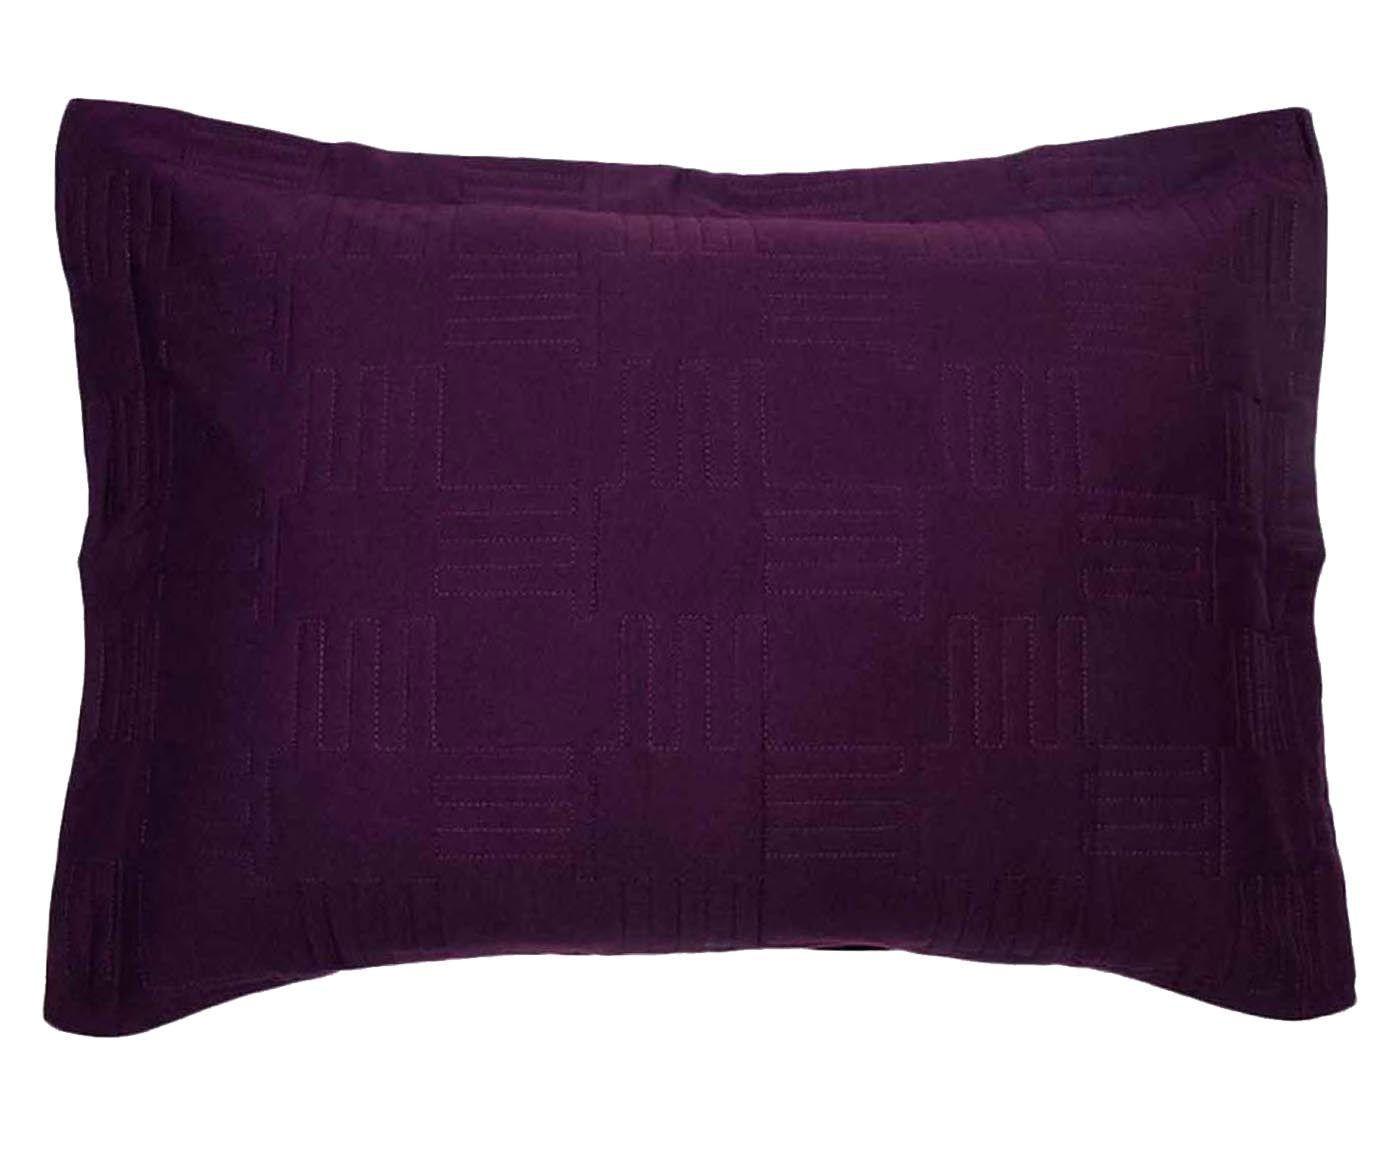 Porta-travesseiro colorado - intuitive   Westwing.com.br